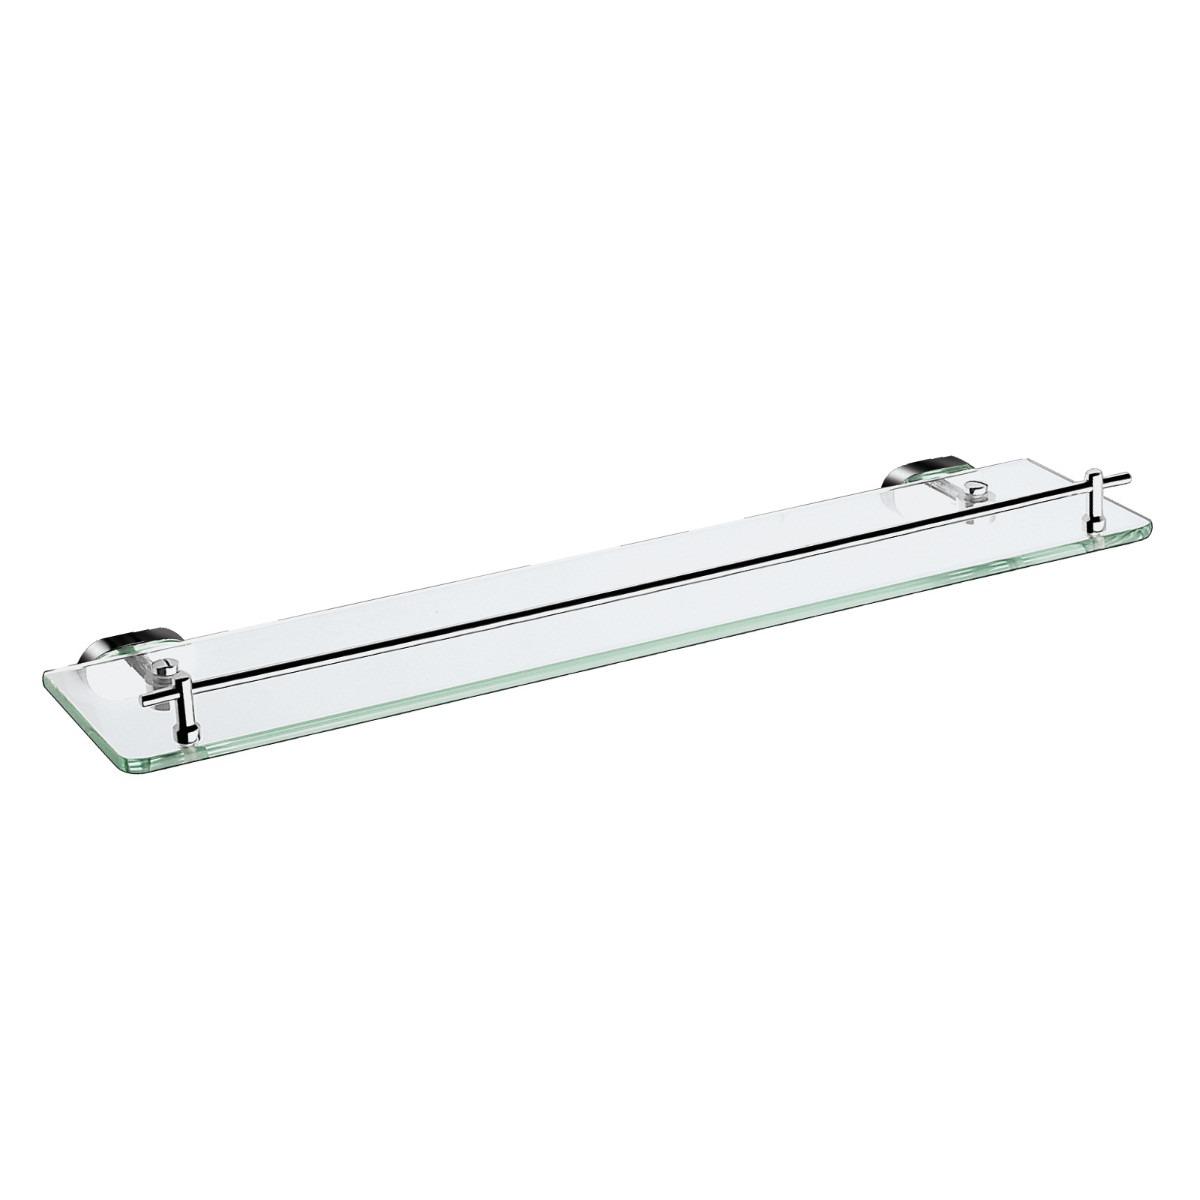 Muebles Para Baño Gravita:Repisa De Cristal – Grávita – $ 44900 en MercadoLibre